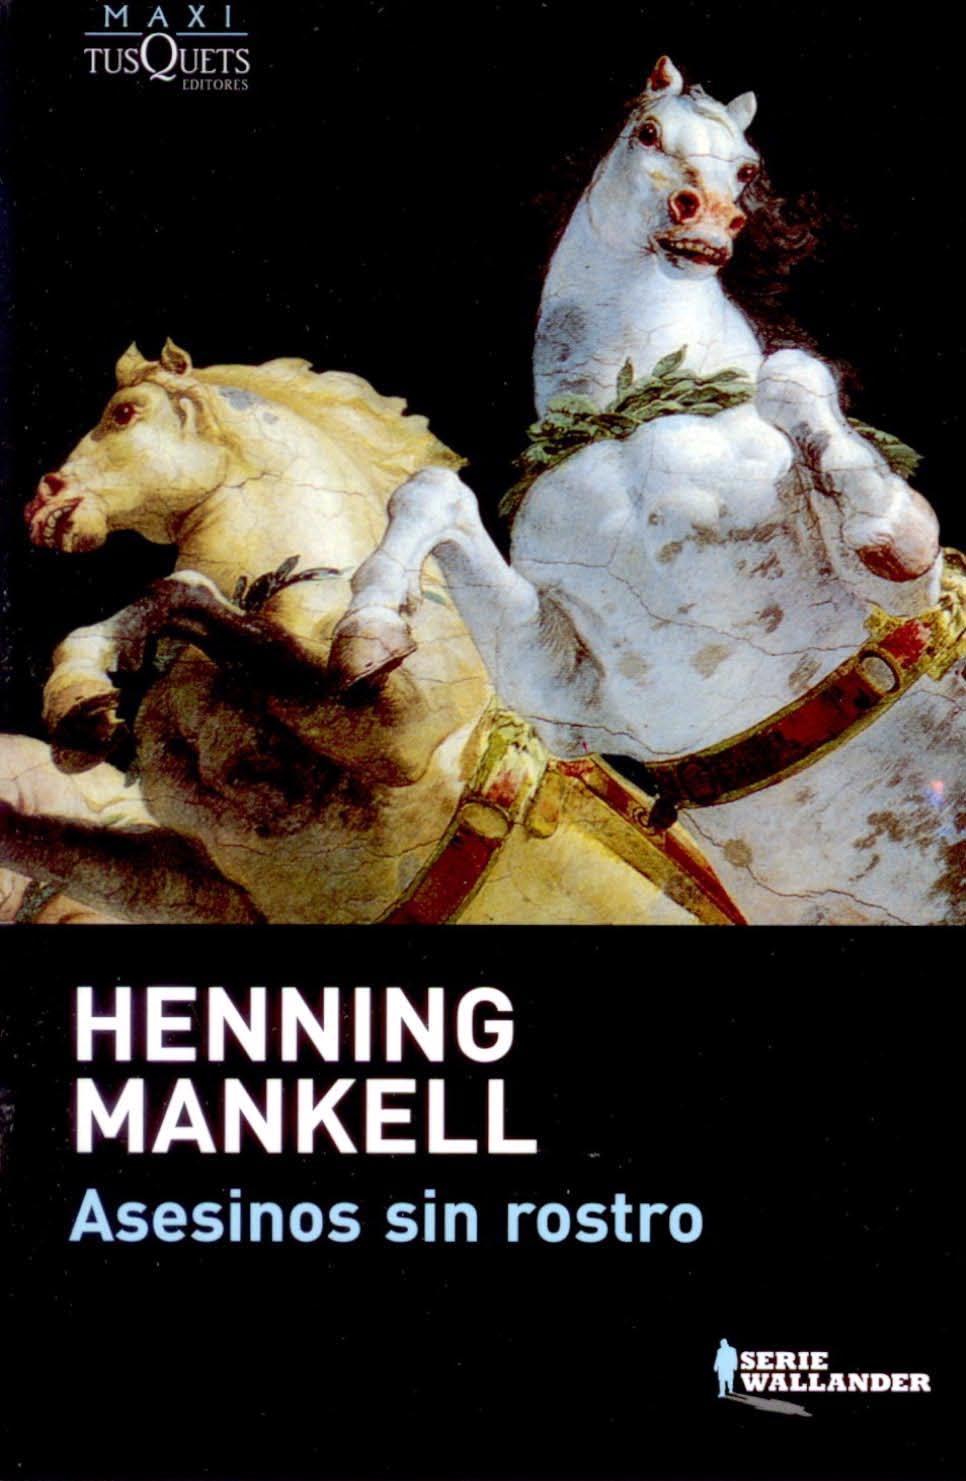 Asesinos sin rostro – Henning Mankell